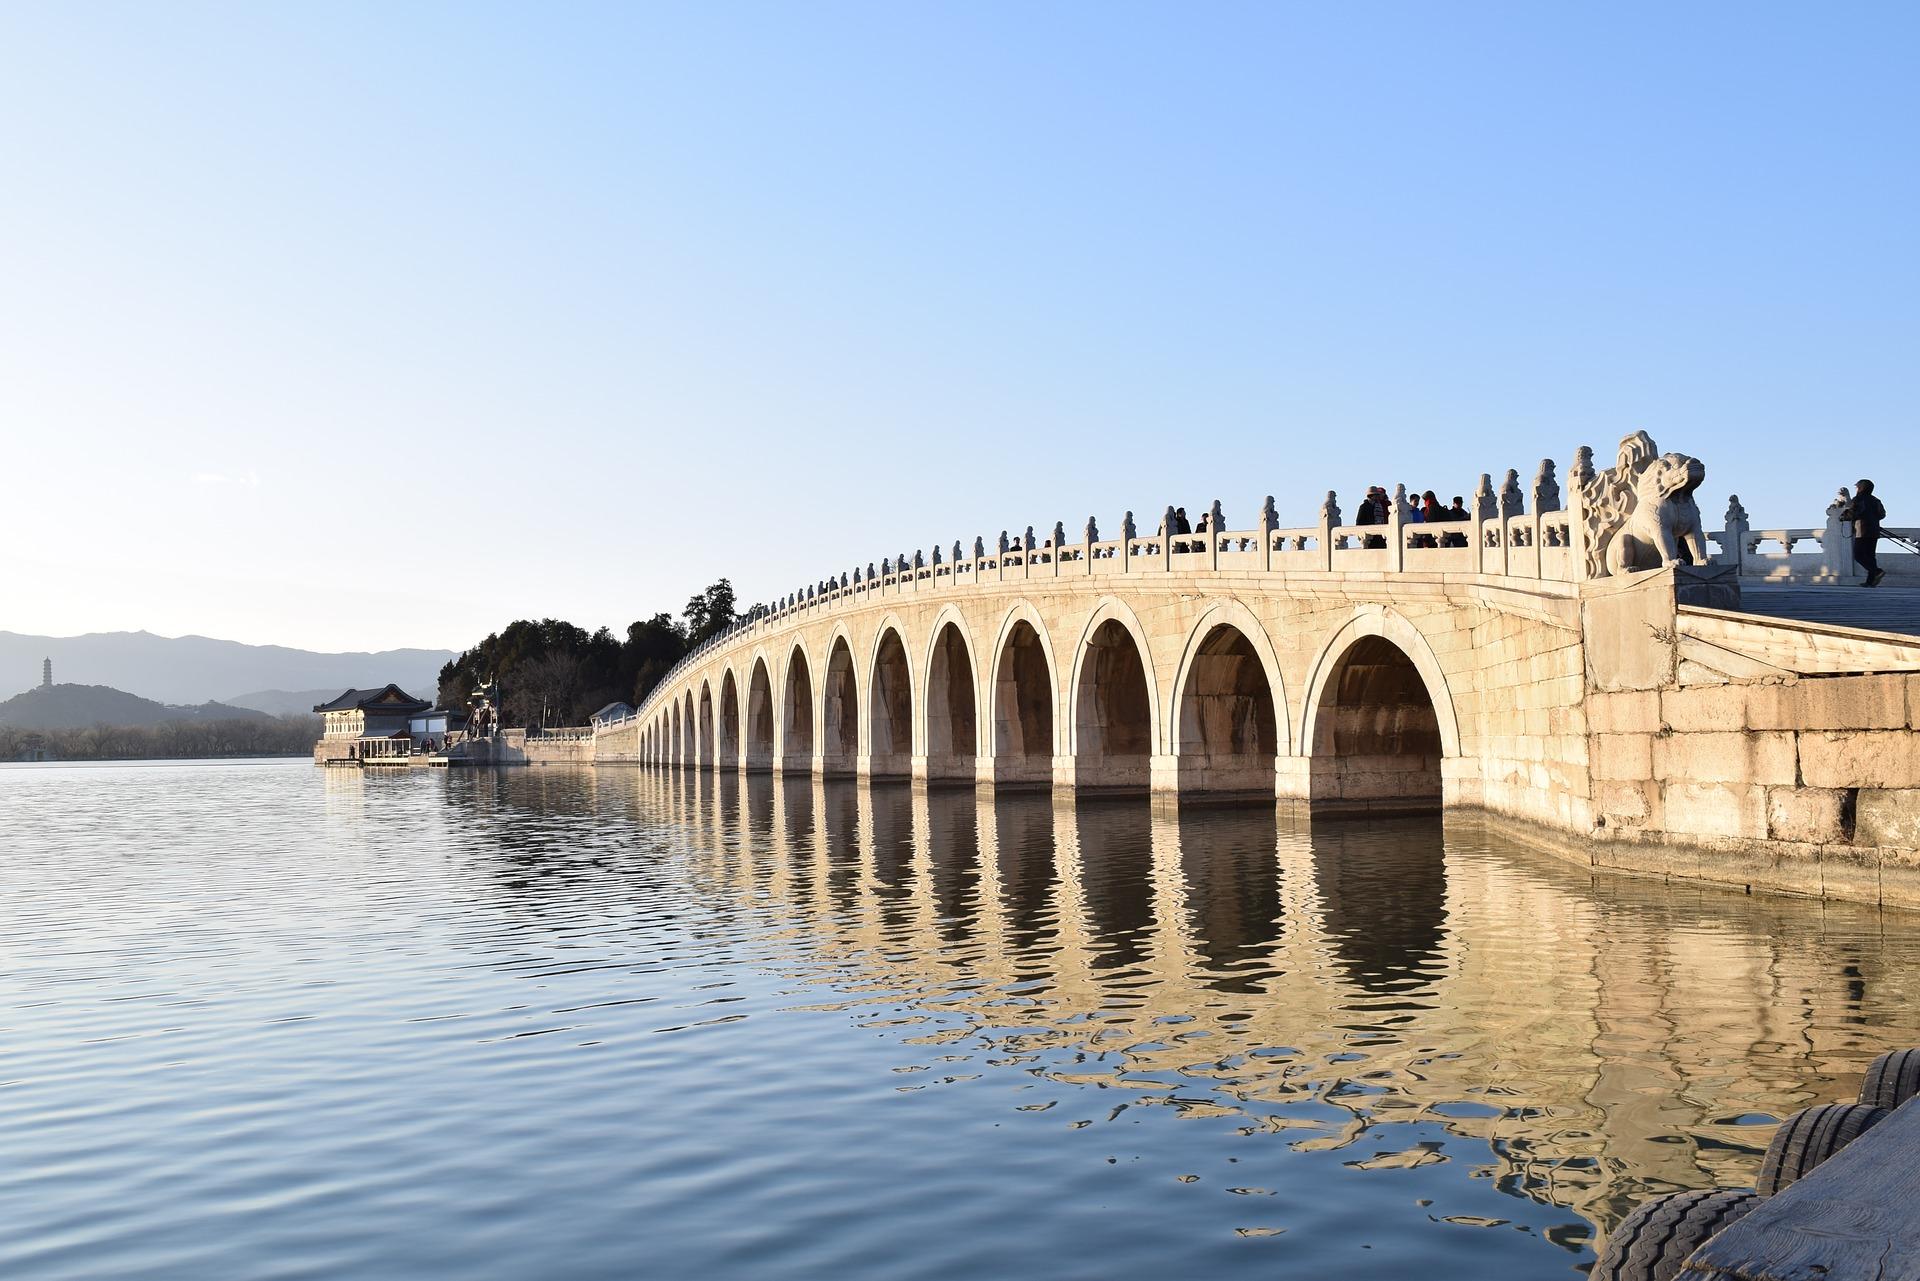 Sommerpalast in Peking: Die schönsten Sehenswürdigkeiten & Highlights - 17-Bogen-Bruecke / 17 Arch Bridge